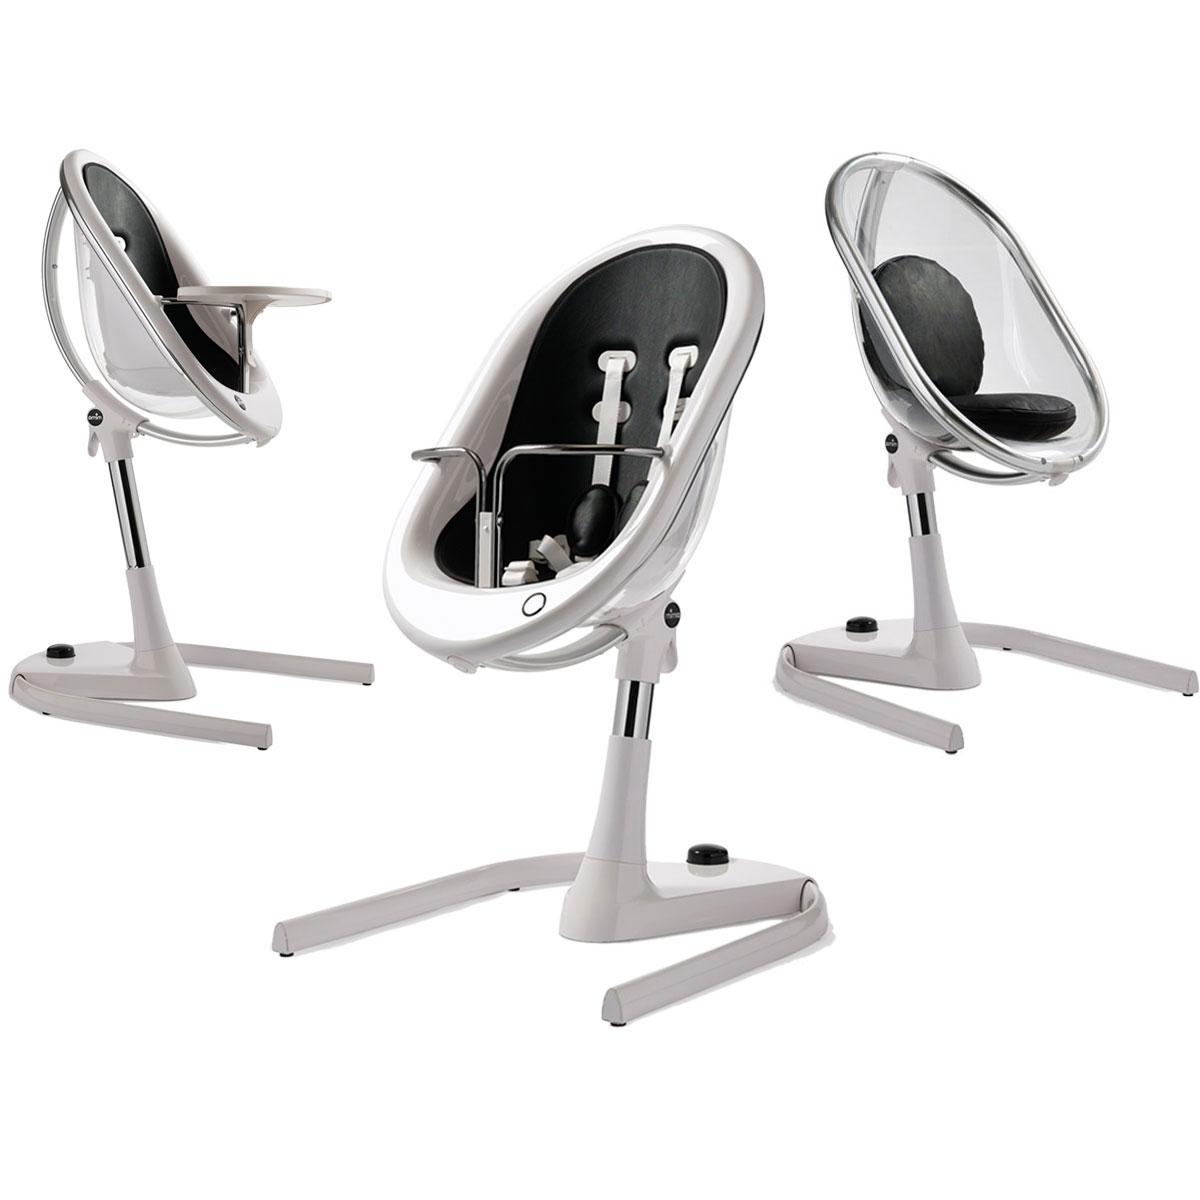 comment choisir sa chaise haute sur. Black Bedroom Furniture Sets. Home Design Ideas